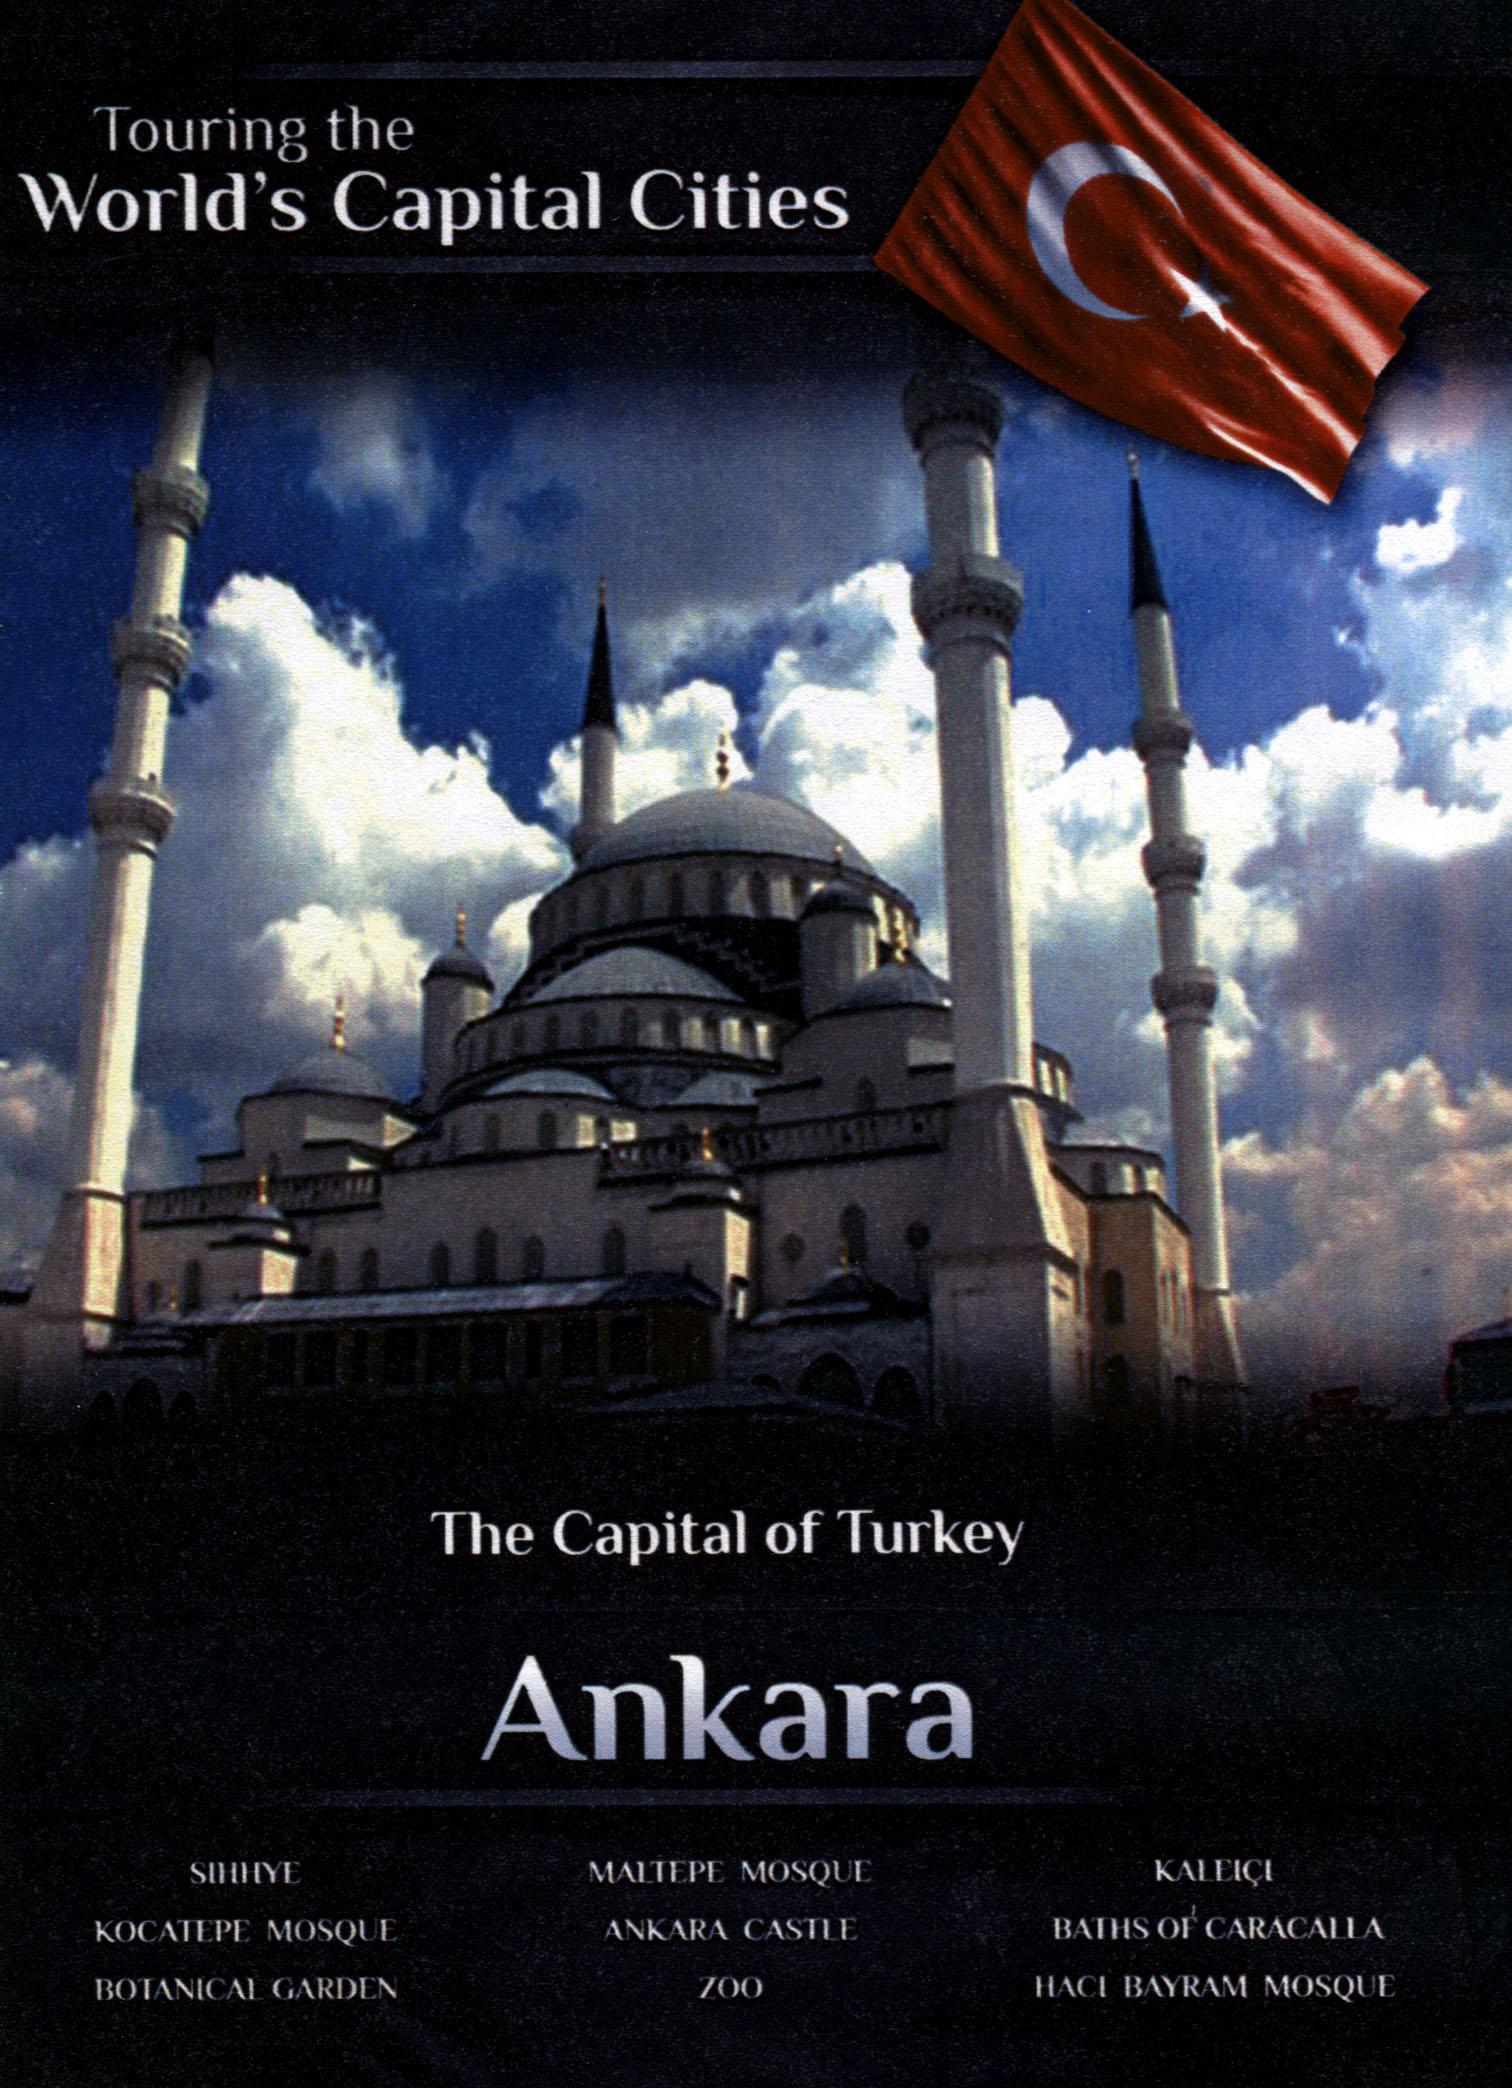 Touring the World's Capital Cities: The Capital of Turkey - Ankara